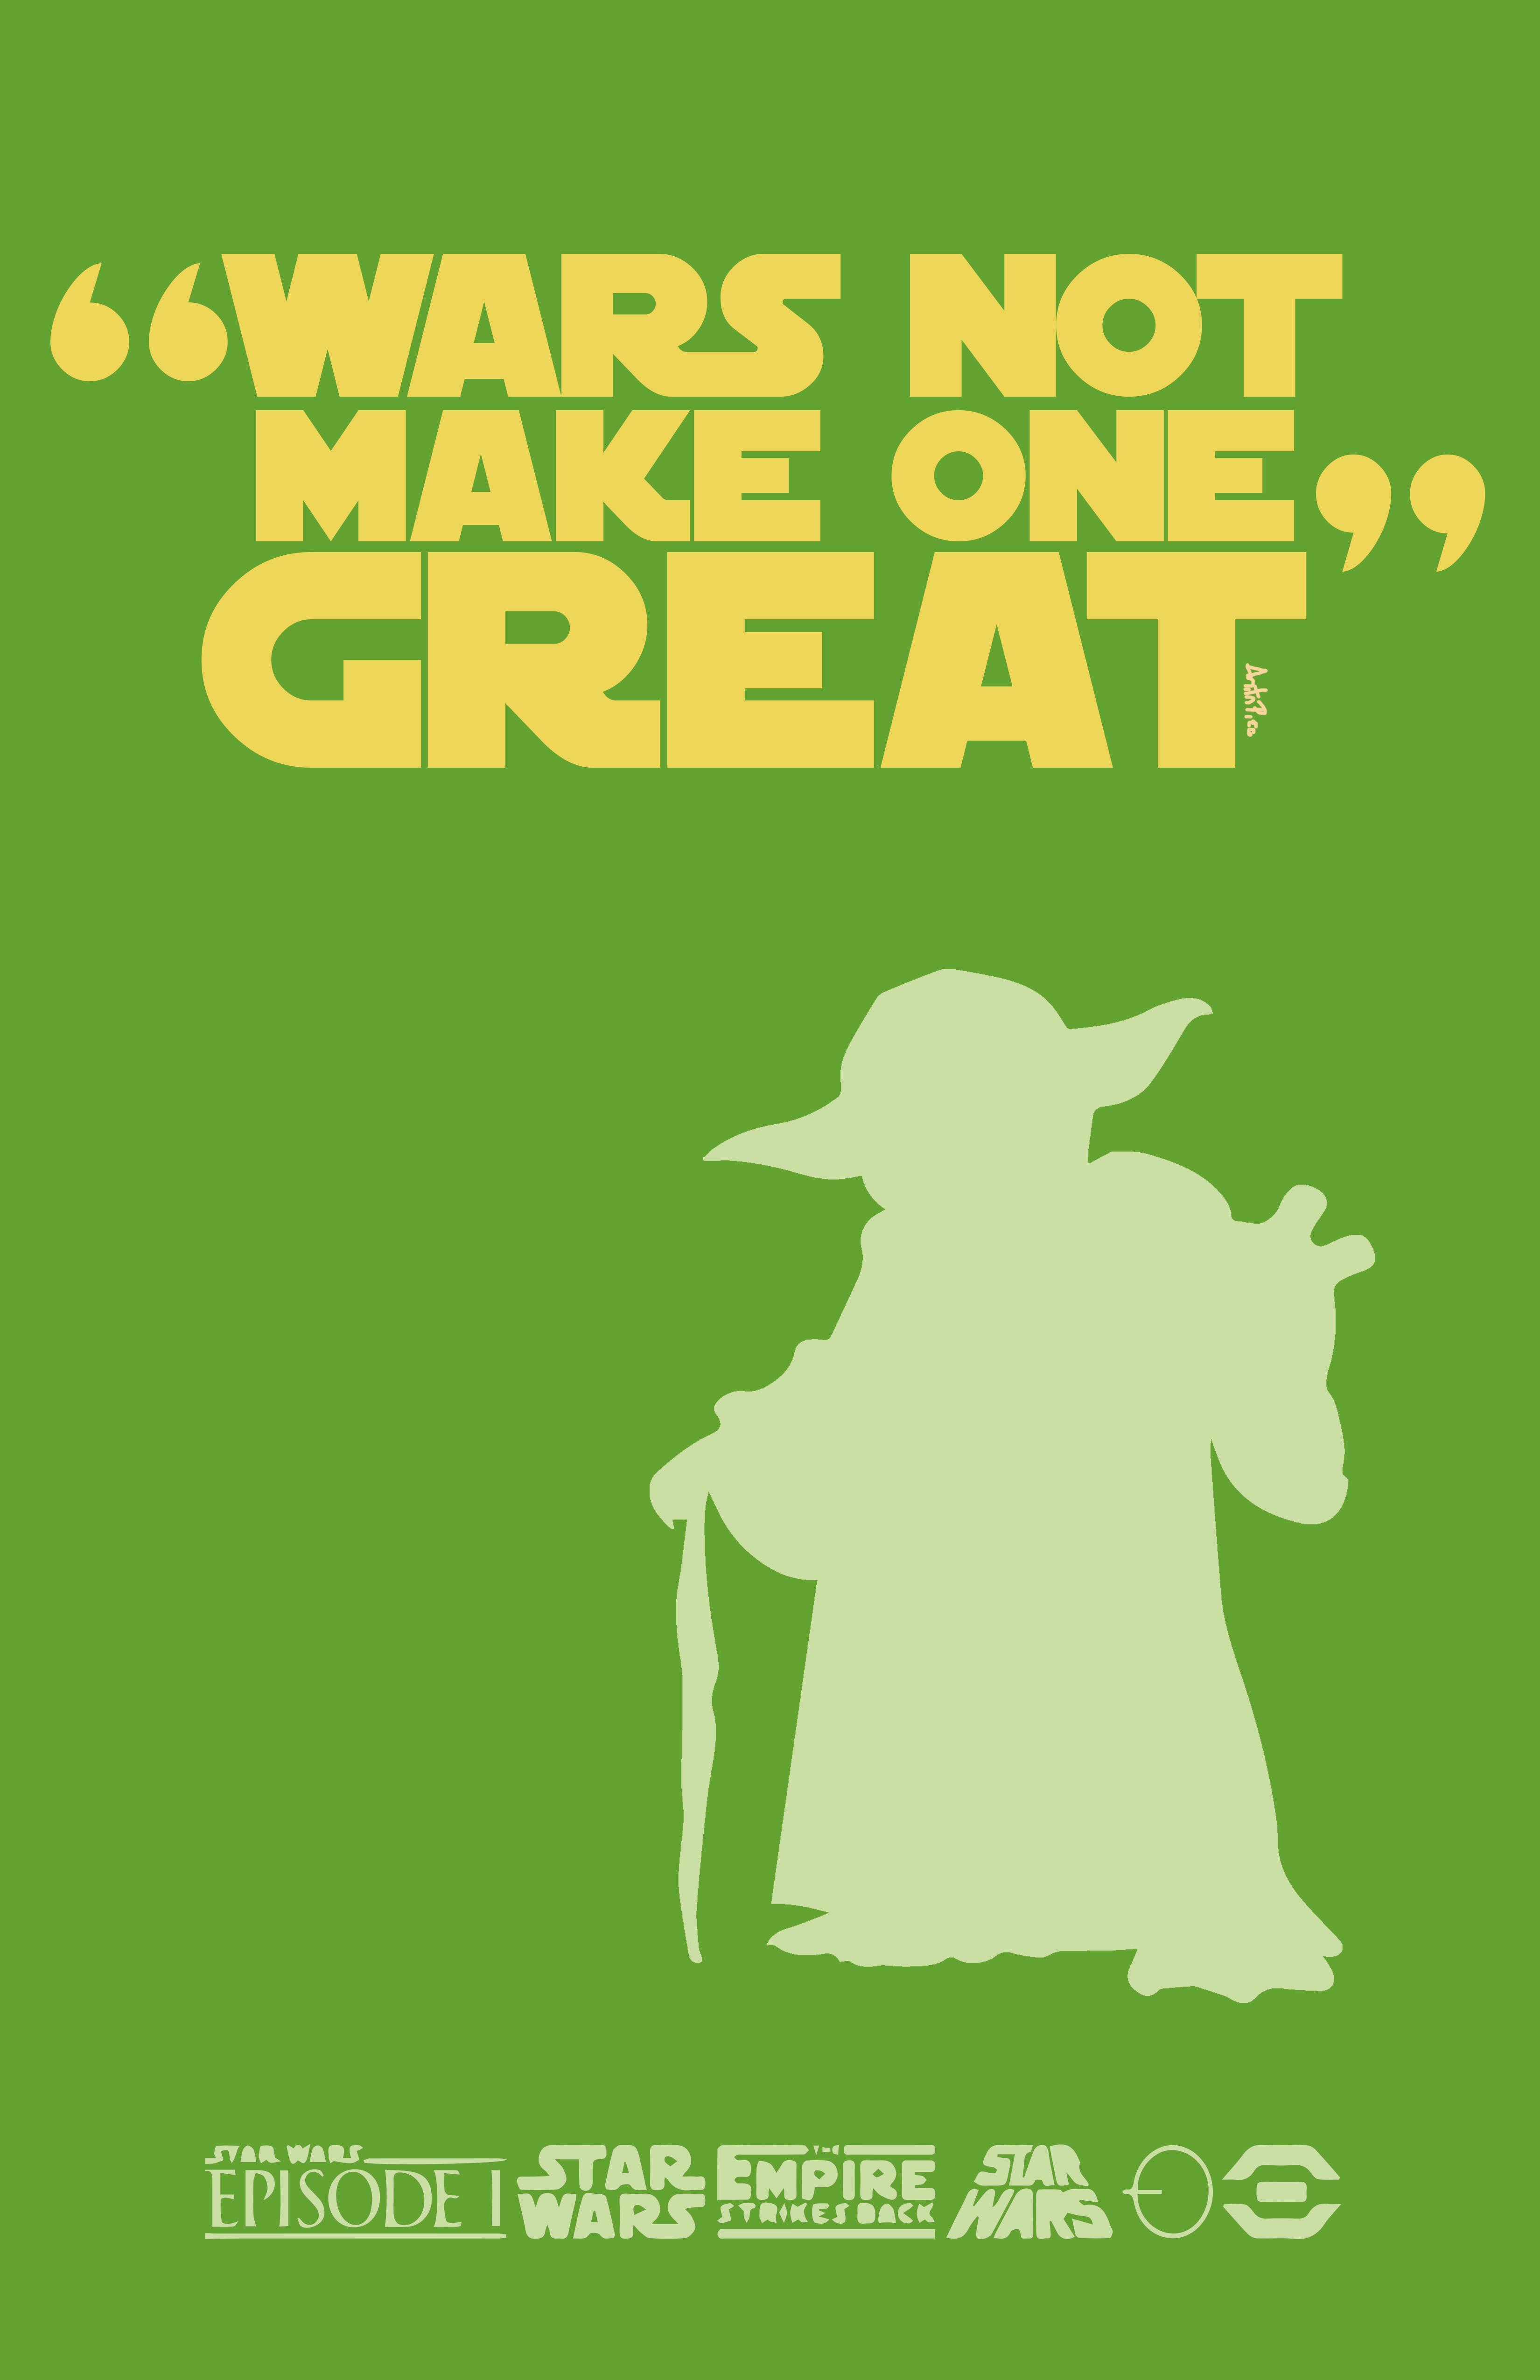 Make One Great (Yoda)